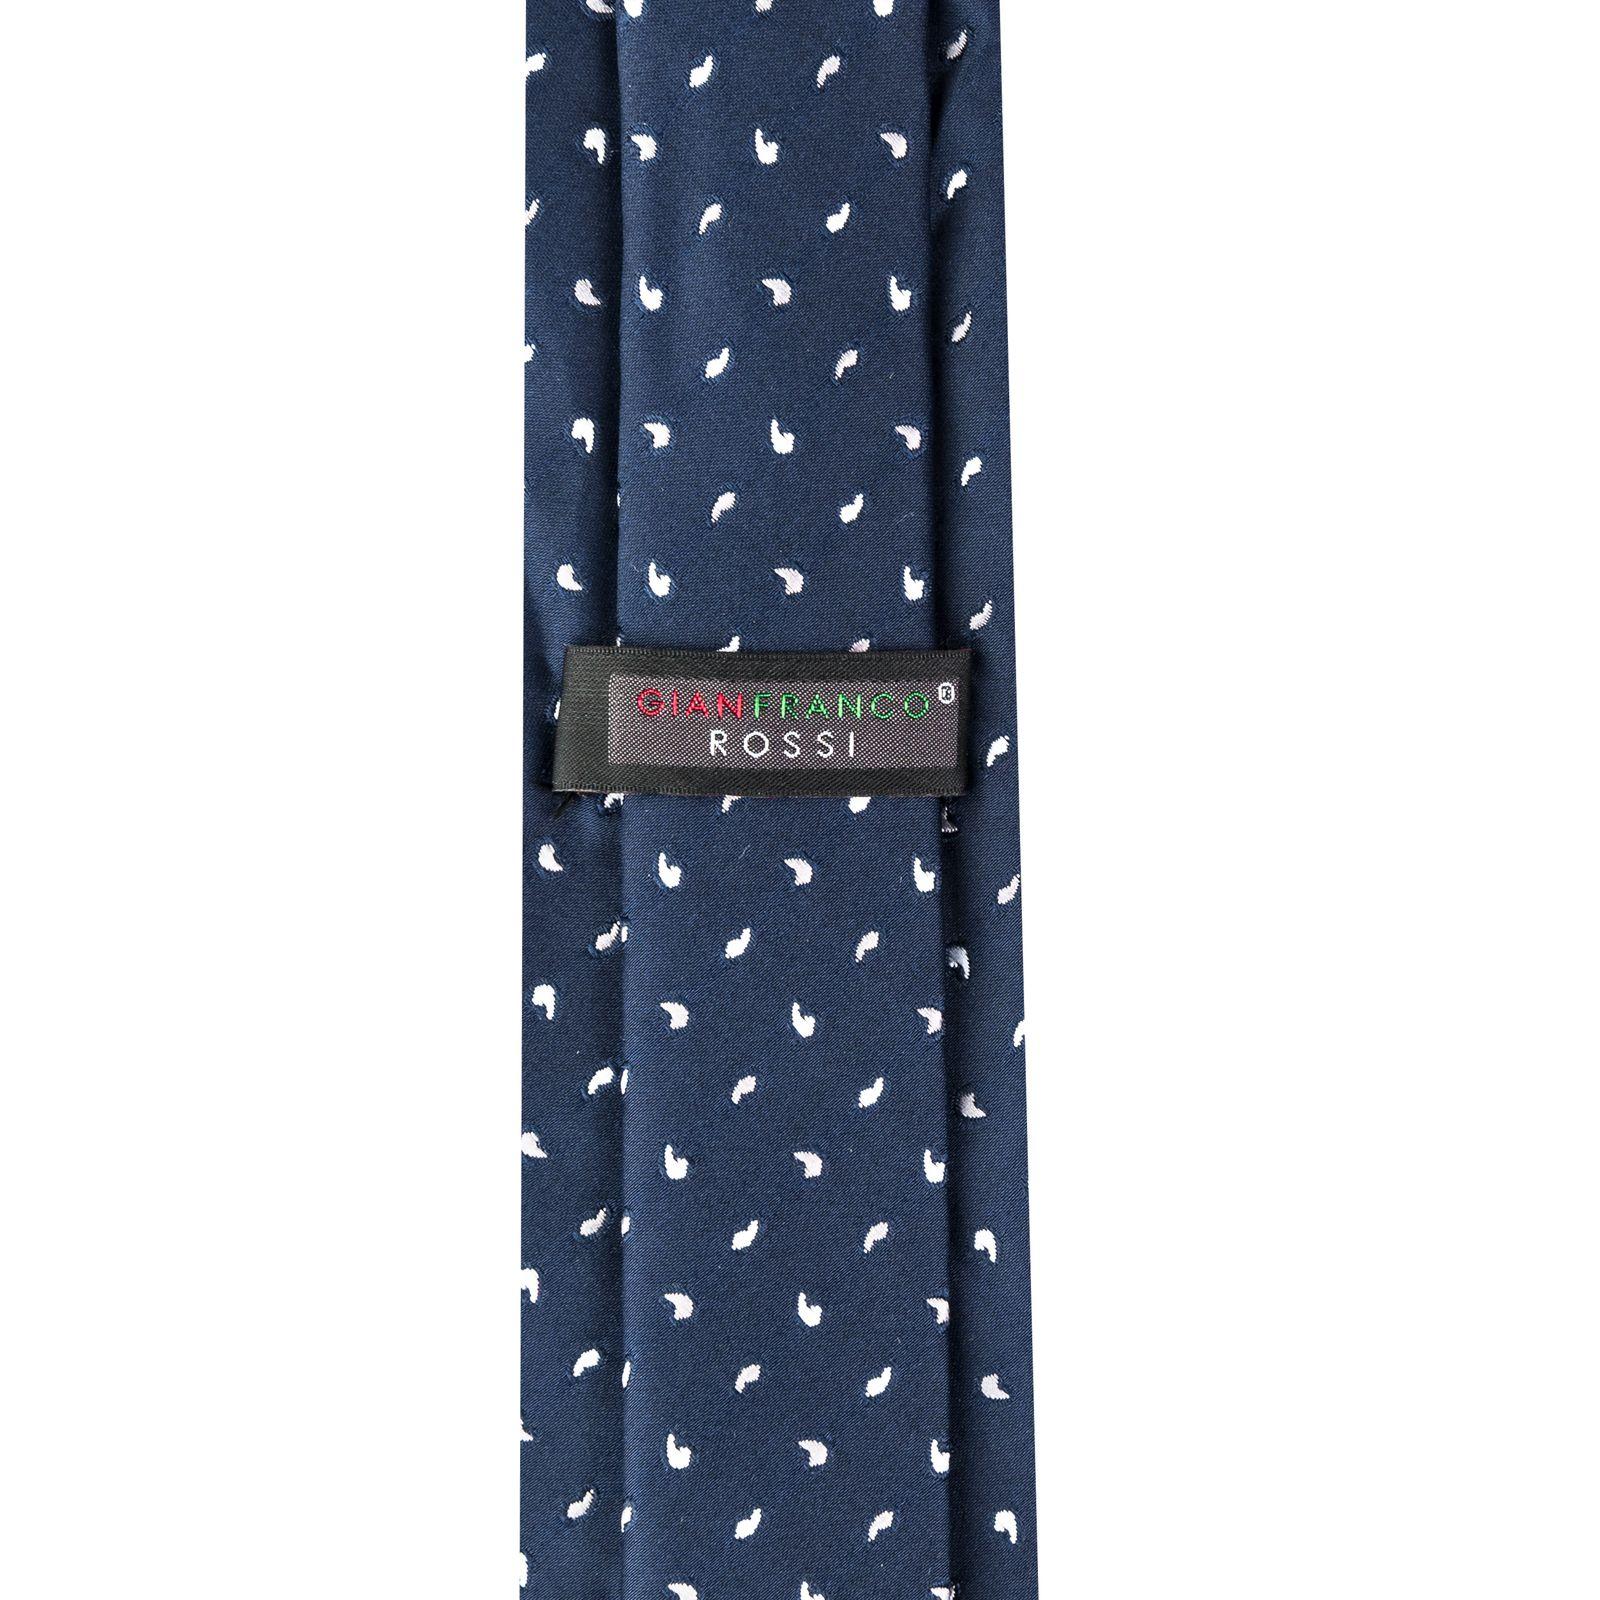 ست کراوات و دستمال جیب و گل یقه مردانه جیان فرانکو روسی مدل GF-PA935-DB -  - 6